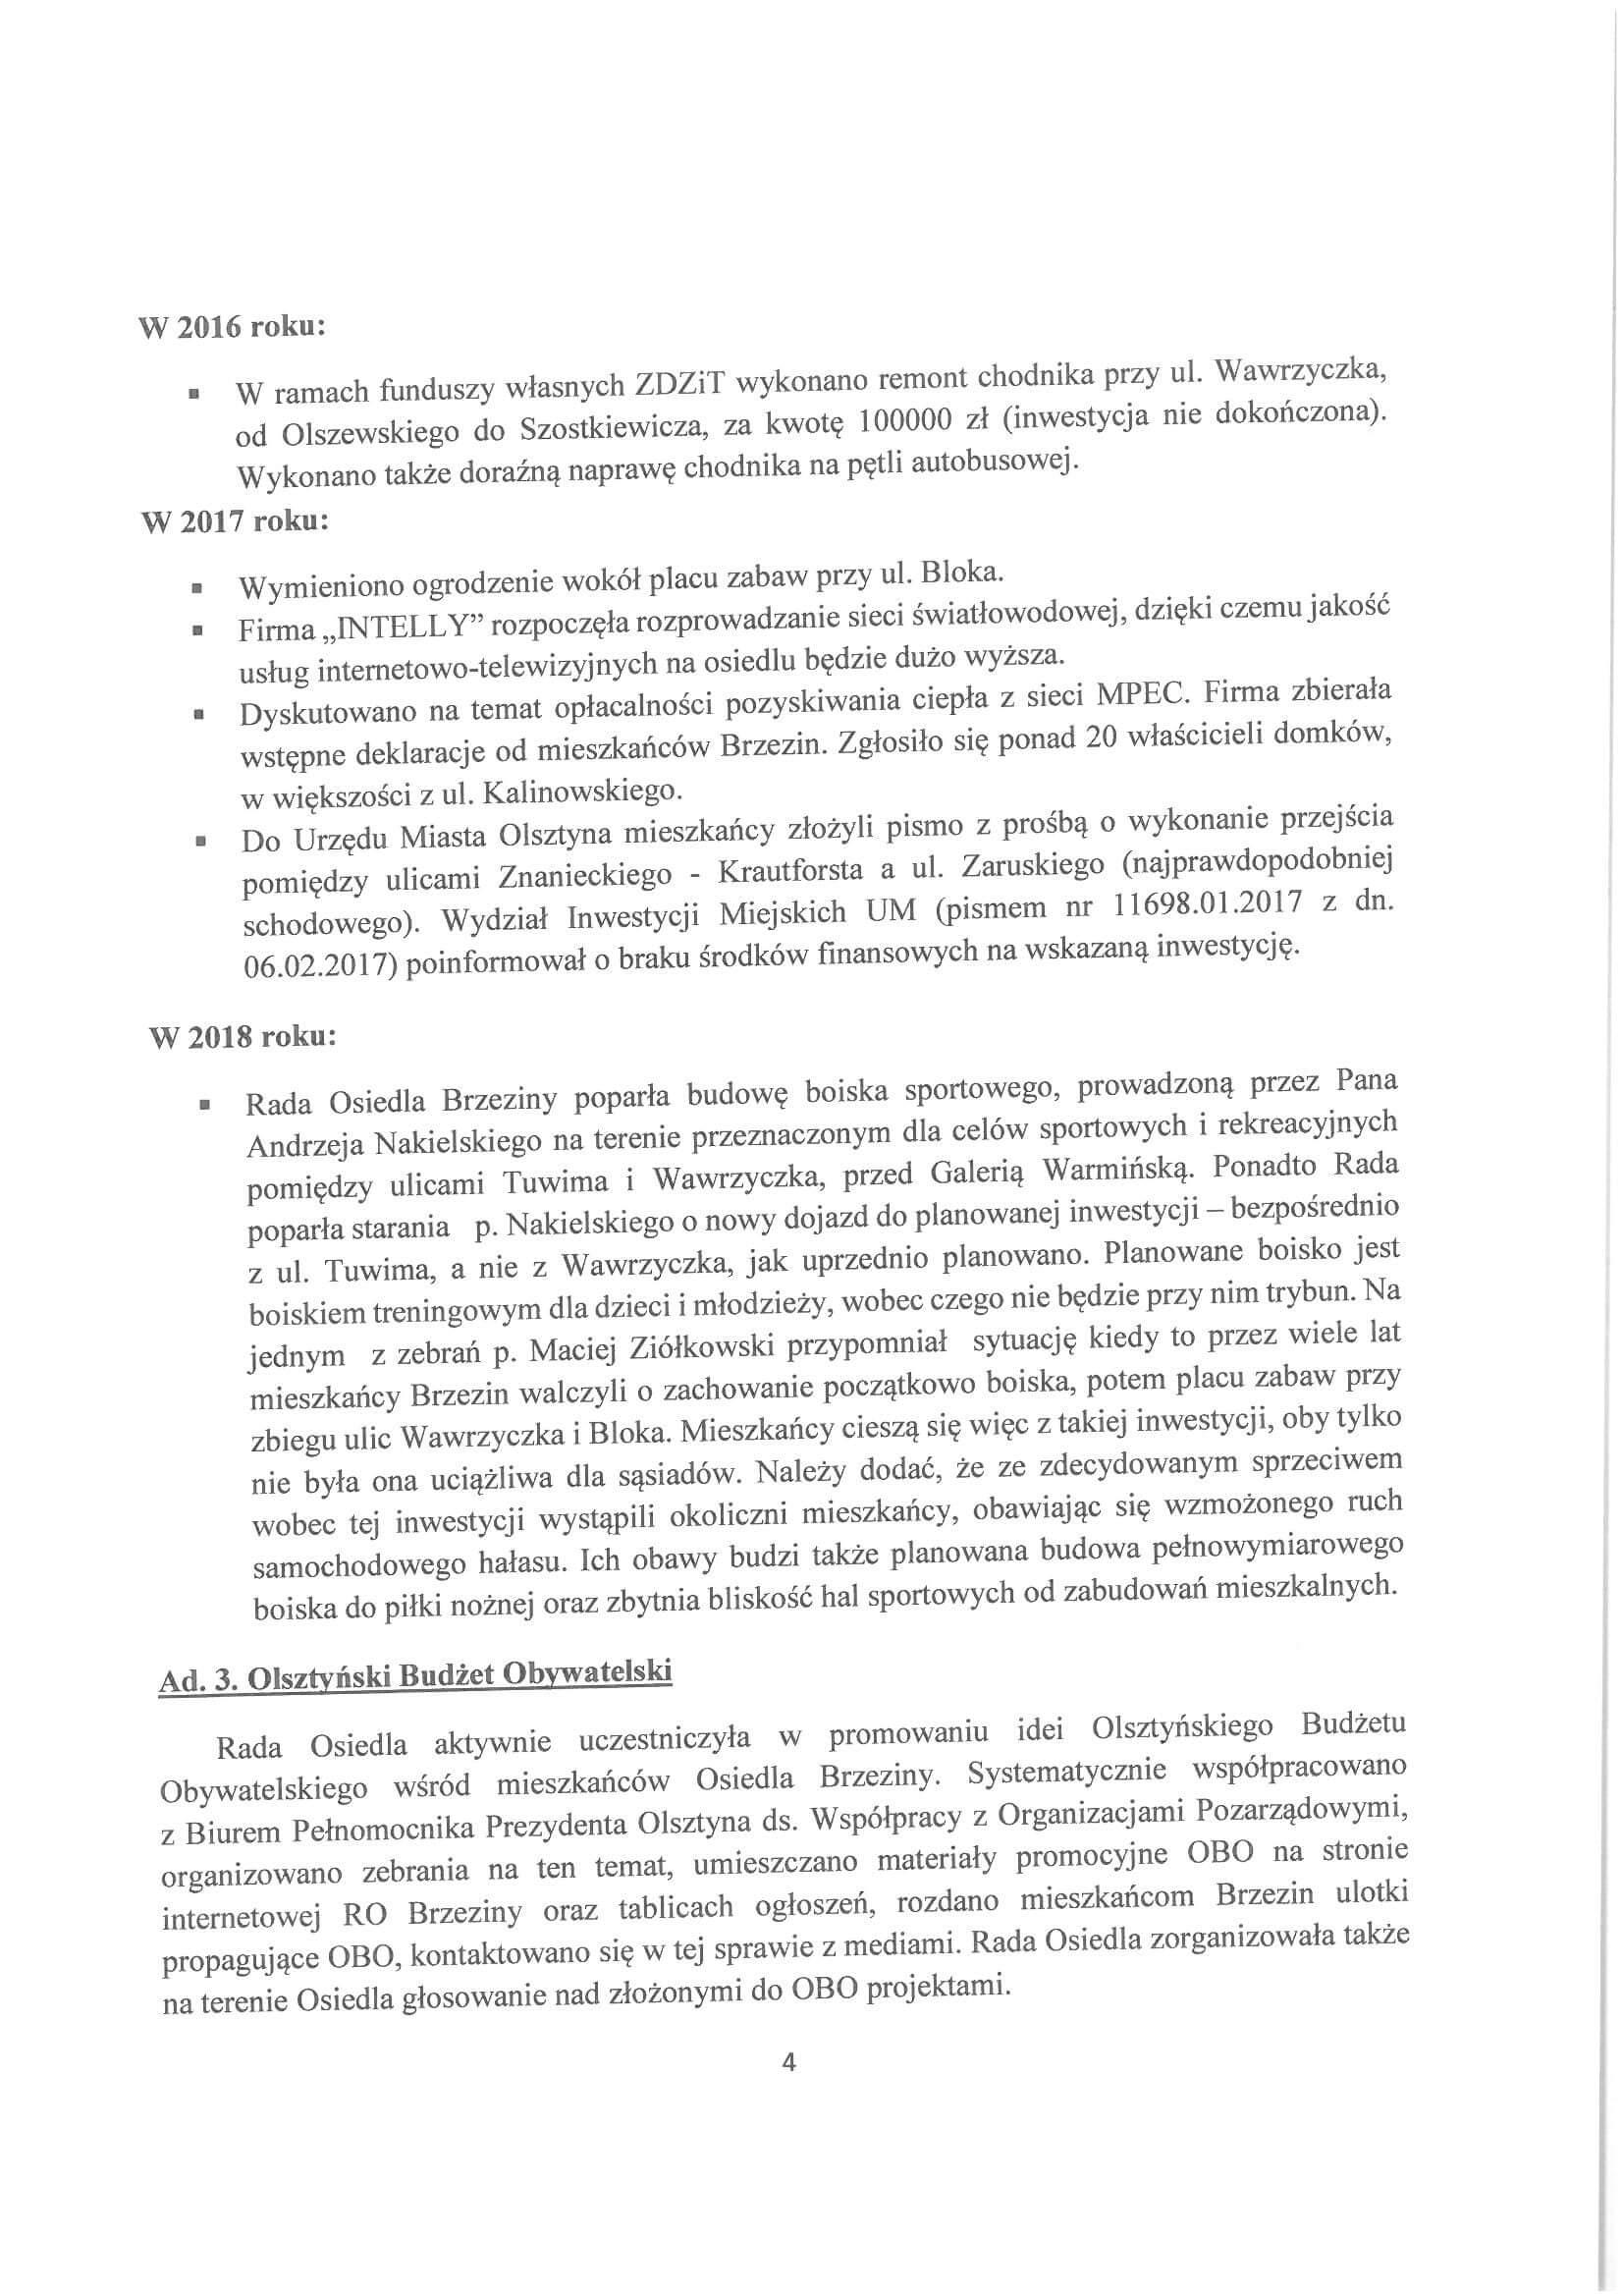 Sprawozdanie z działalności RO w latach 2015-2019-04